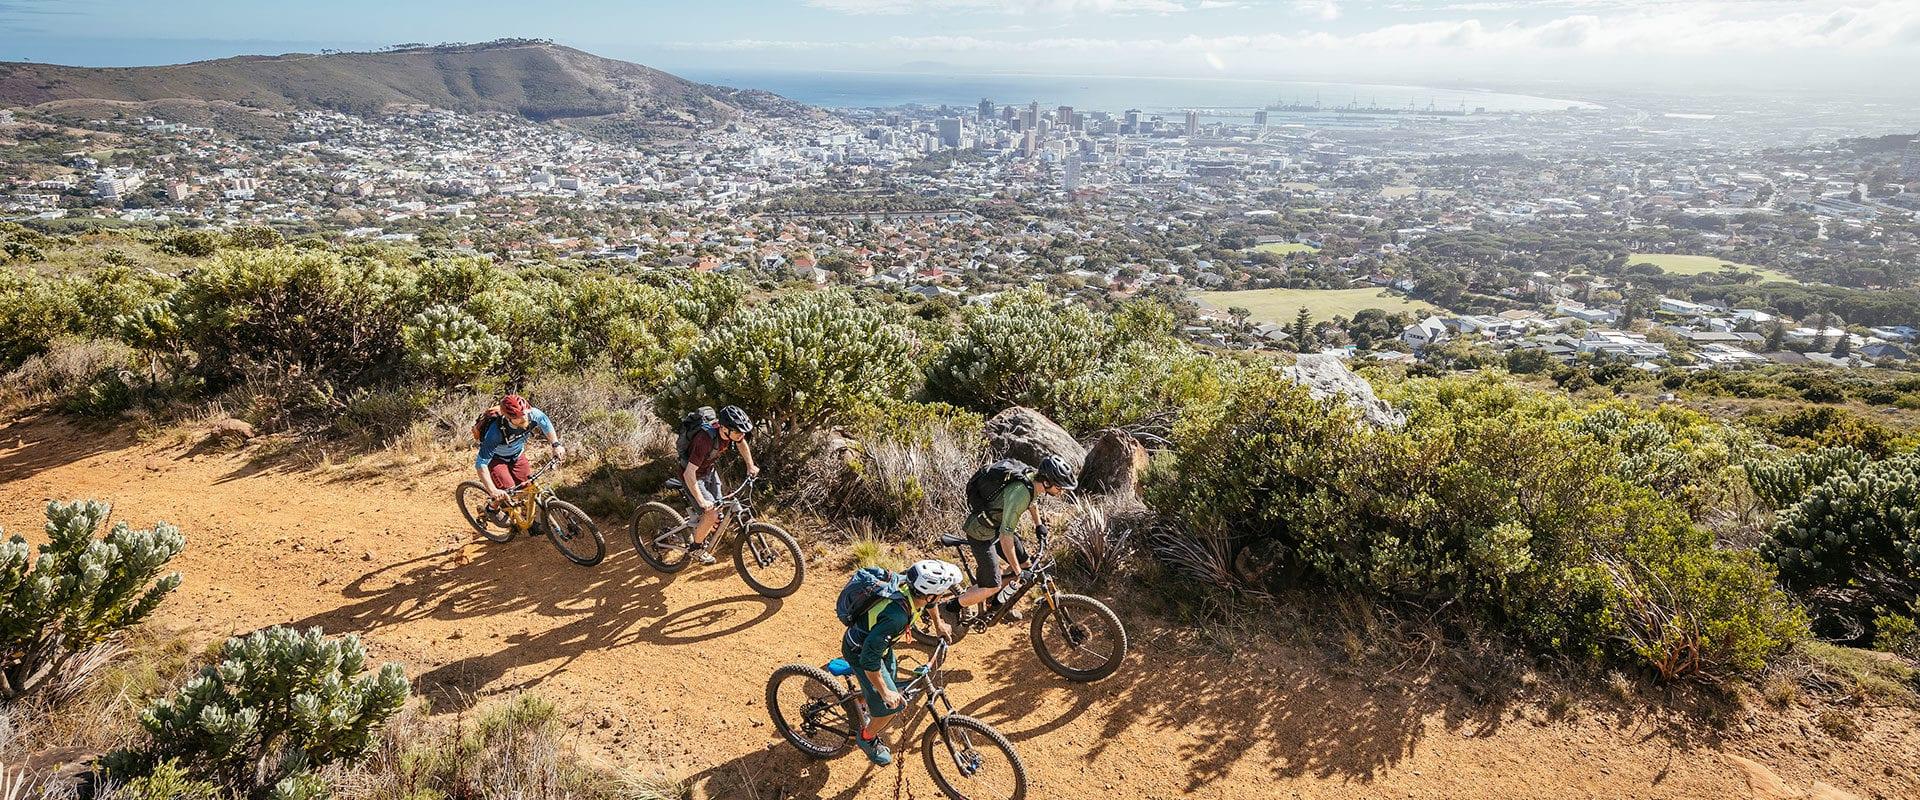 Mountainbikereise Südafrika